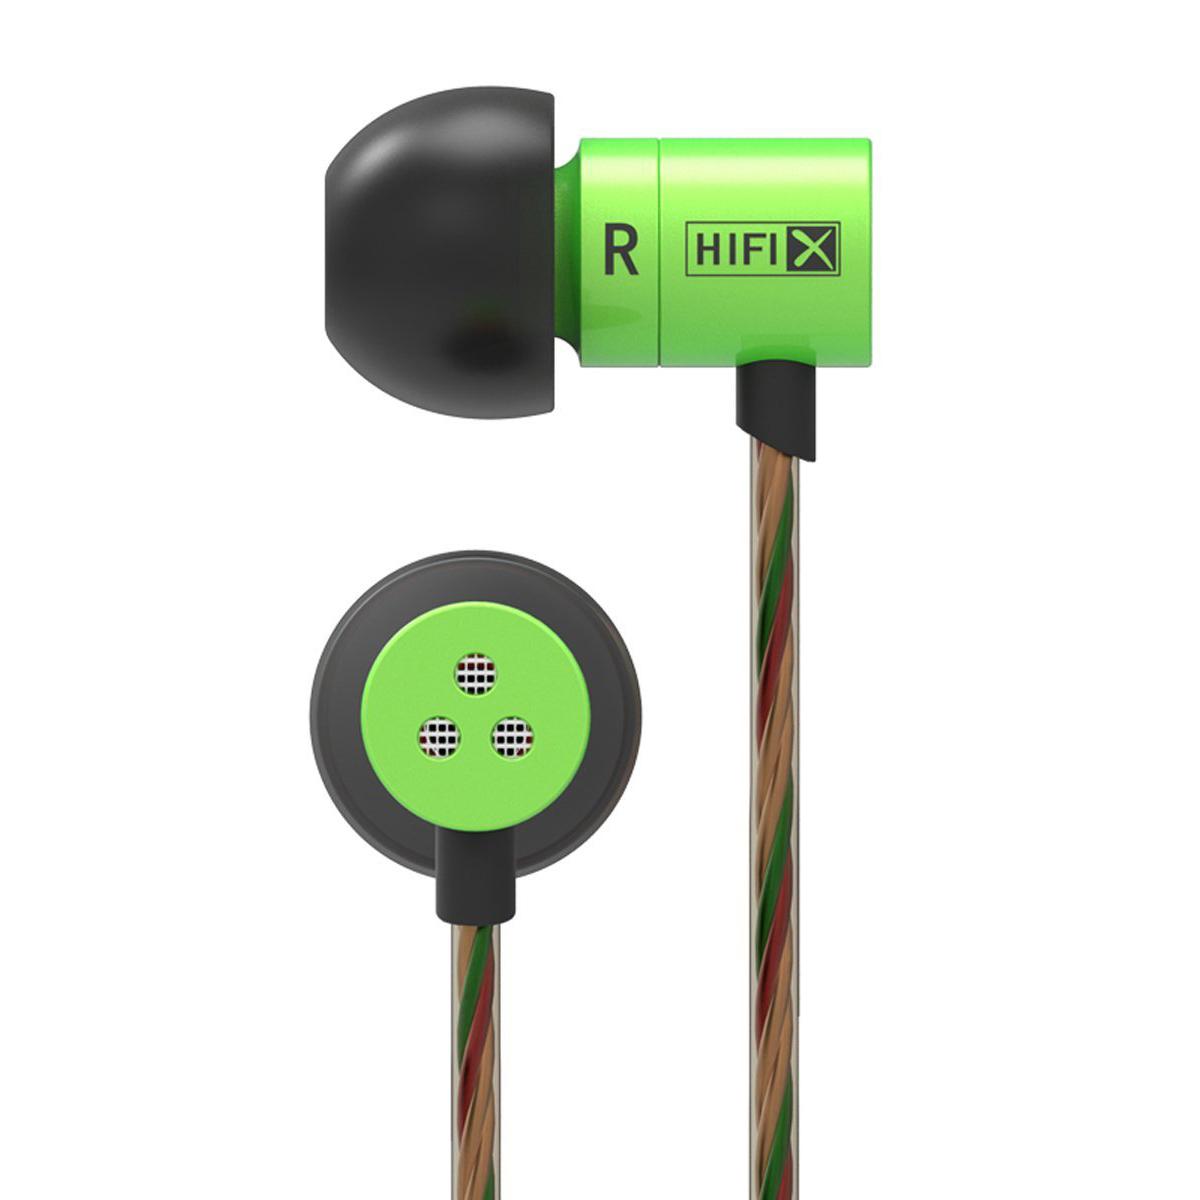 ขาย KZ HDS1 หูฟังอินเอียร์แนวใหม่จิ๋วแต่แจ๋ว ให้คุณภาพเสียงระดับ HD (สีเขียว)